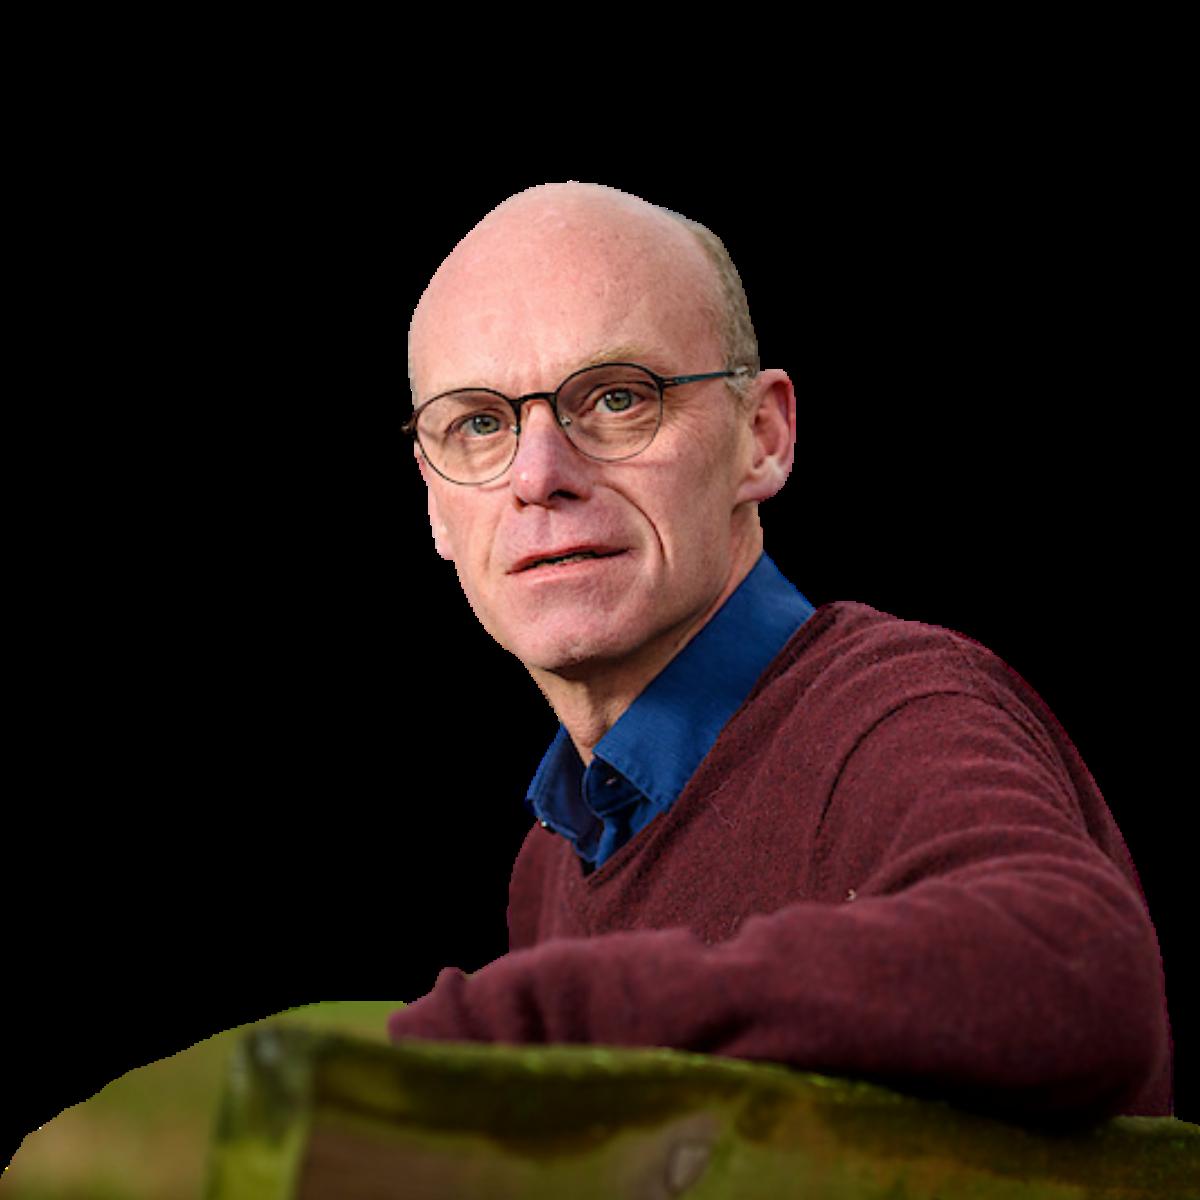 Maurits Dekker - kwaliteitsadviseur zorgorganisaties Achterhoek